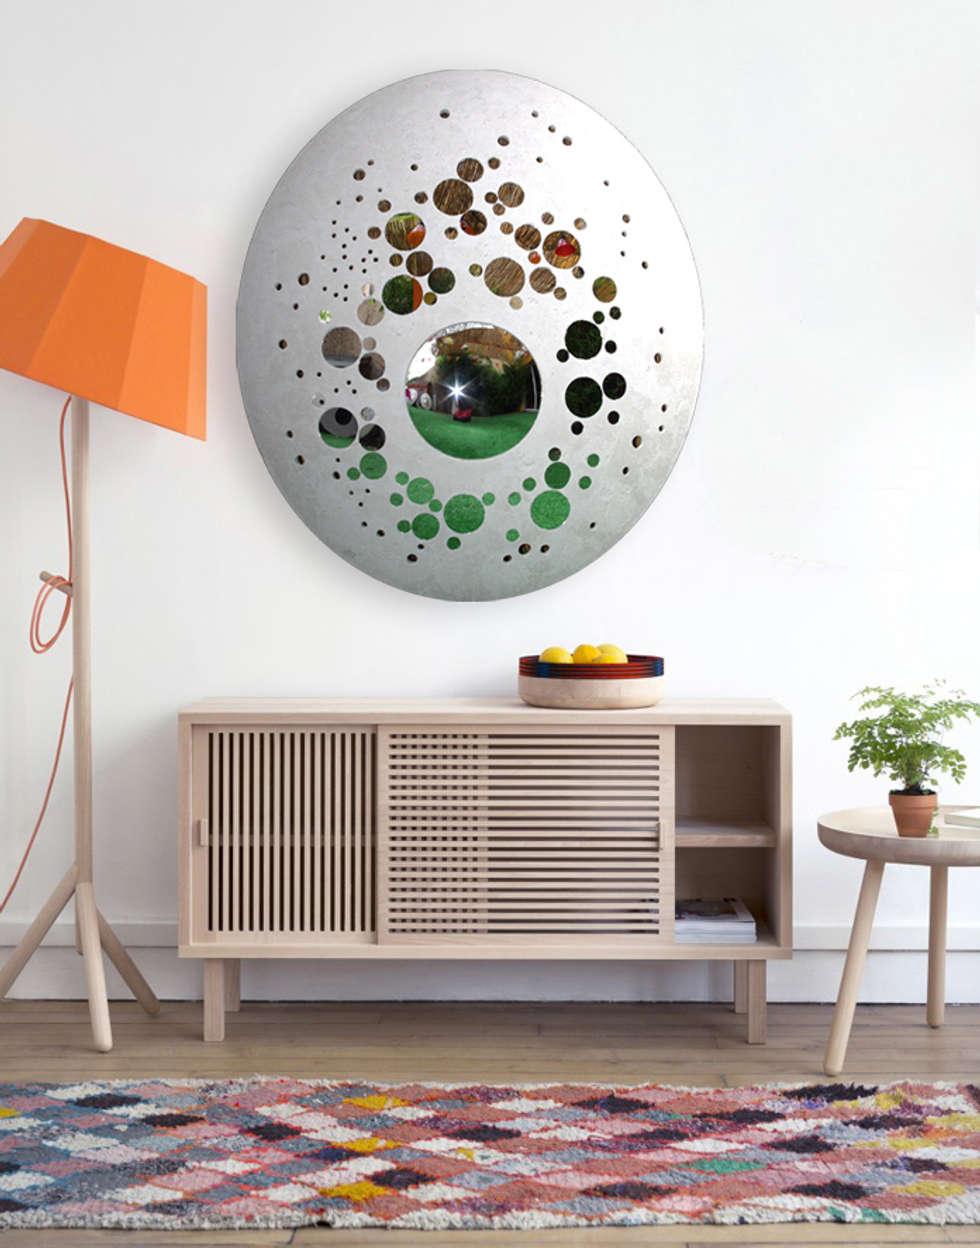 Wohnideen interior design einrichtungsideen bilder for Expression miroir aux alouettes